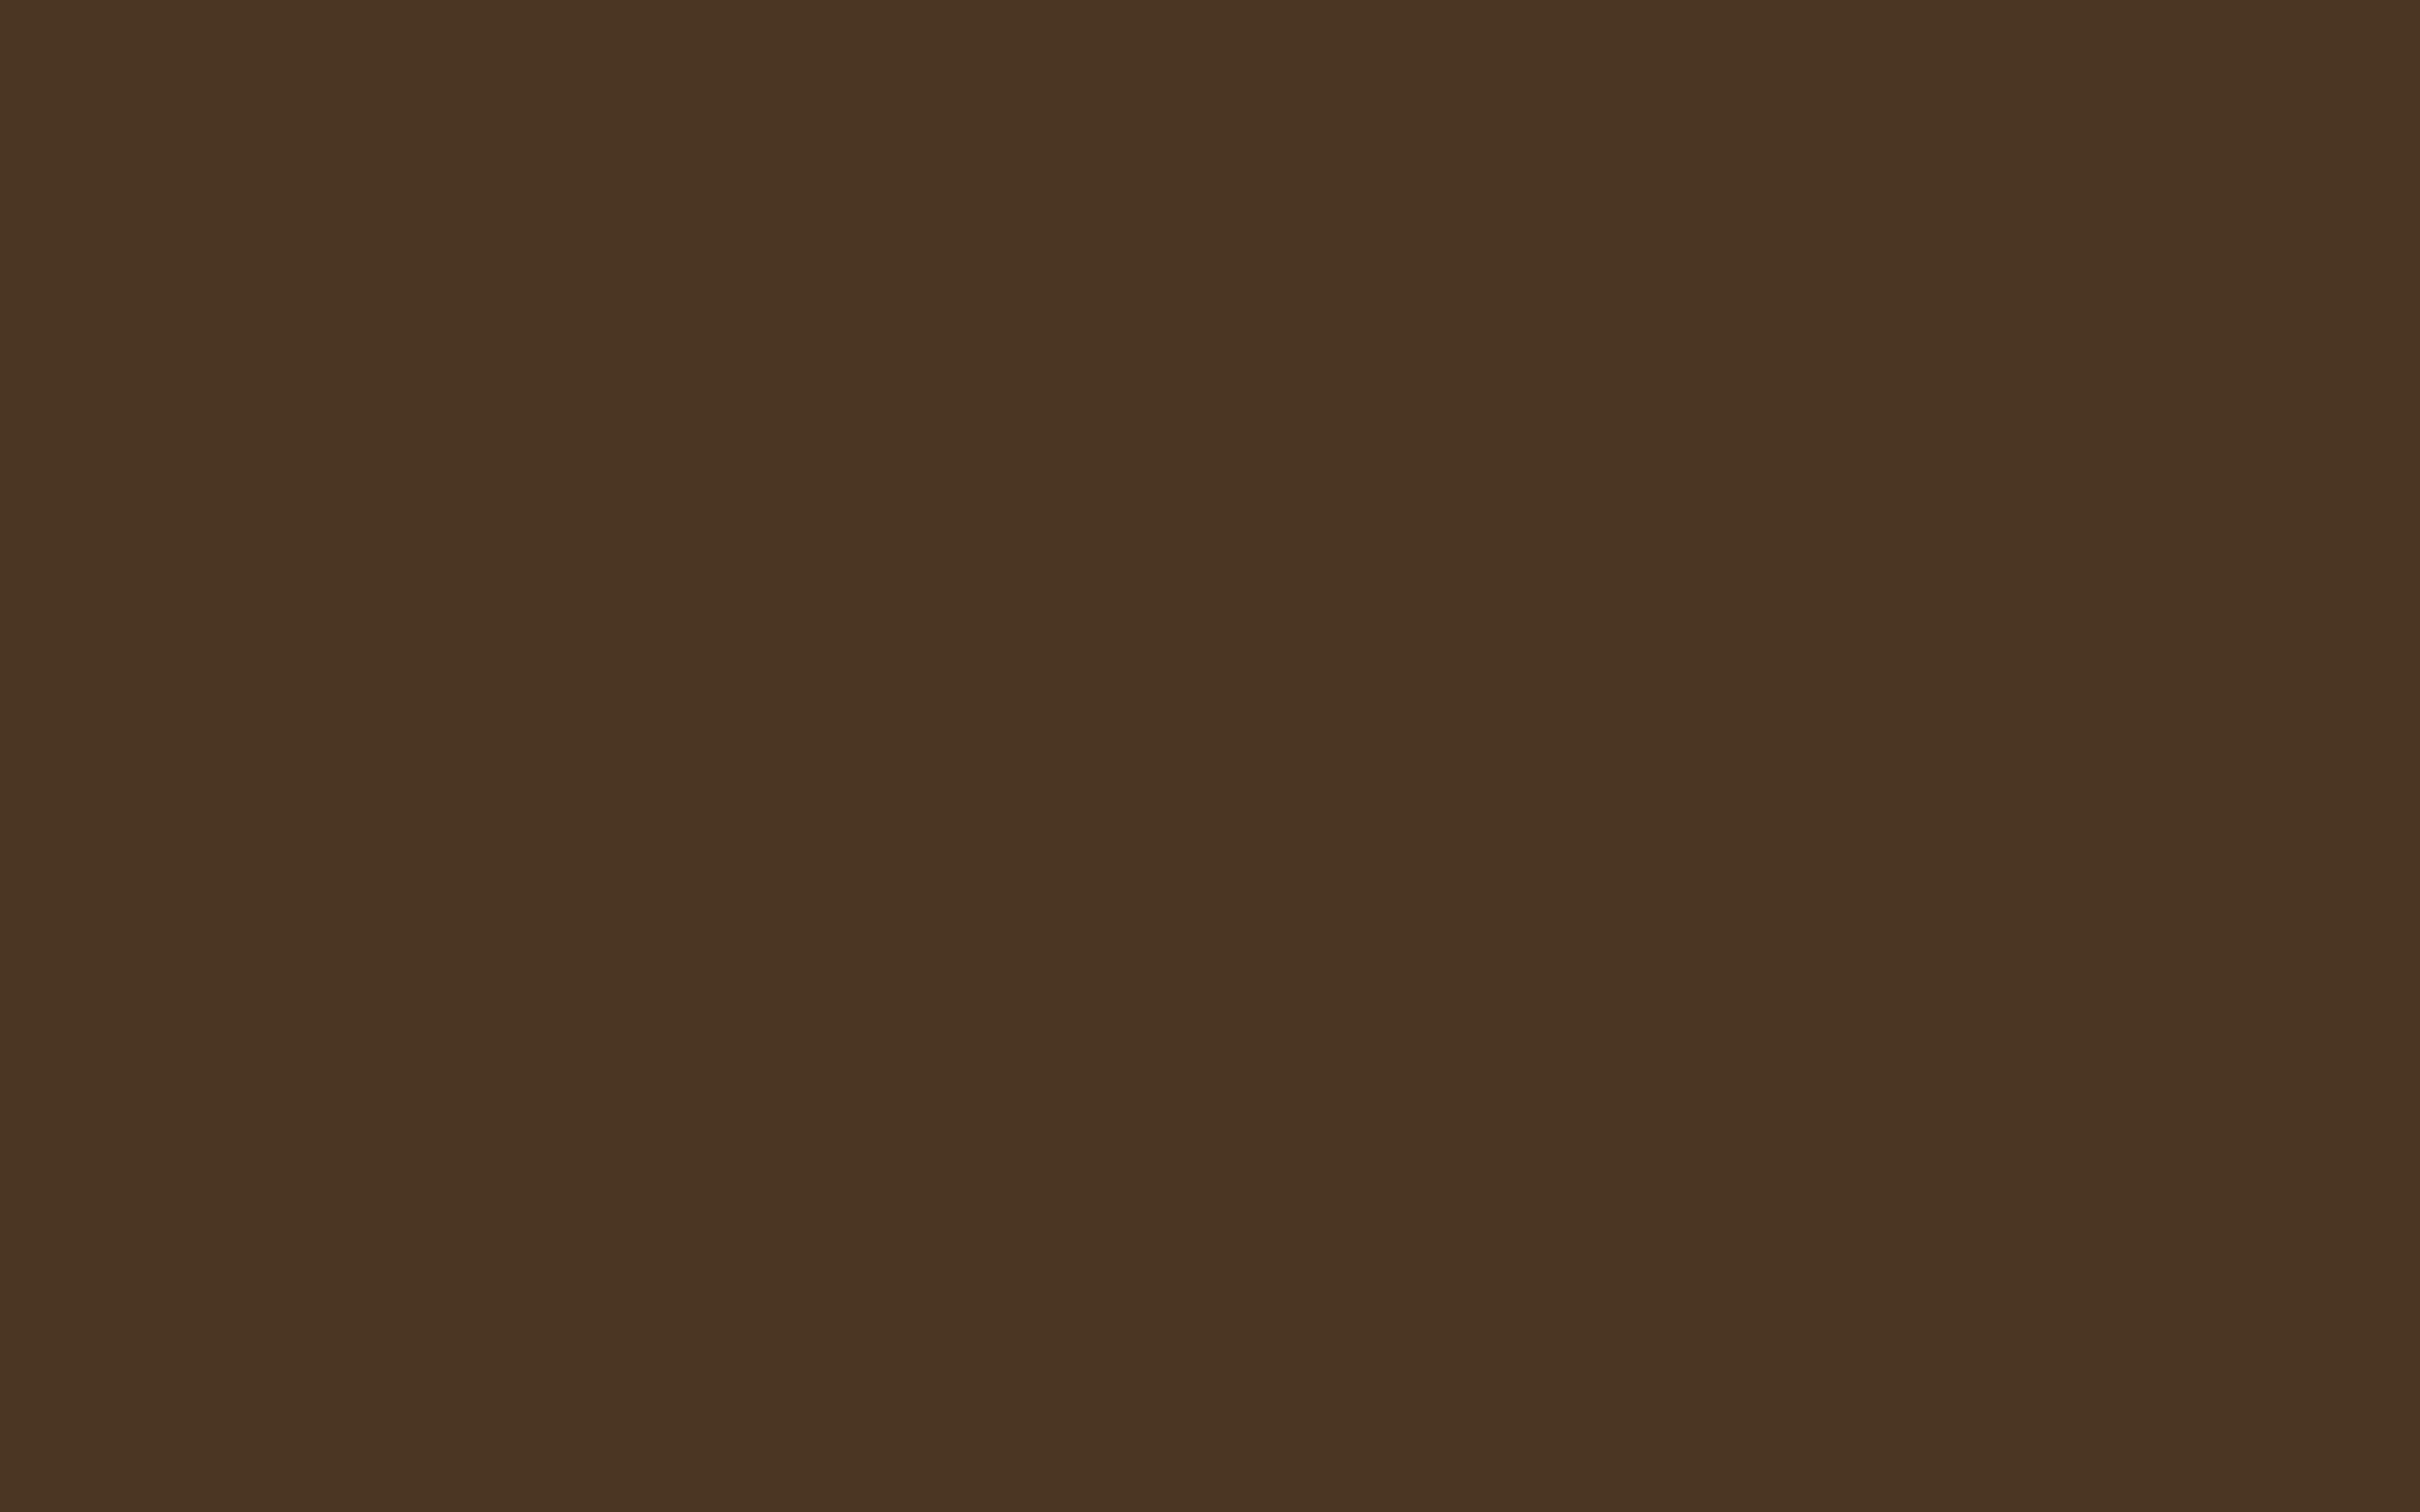 2560x1600 Cafe Noir Solid Color Background